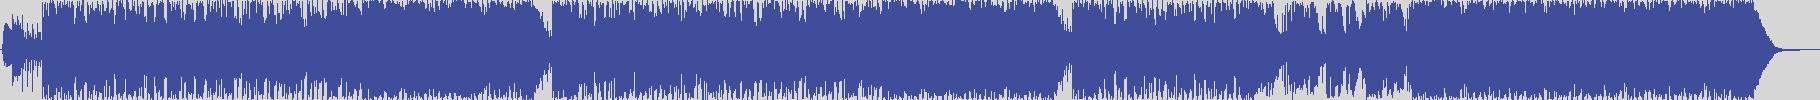 smilax_dig_records [Smilax_X448DIG] Leo - Lo Gnomo Canterino [Original Mix] audio wave form